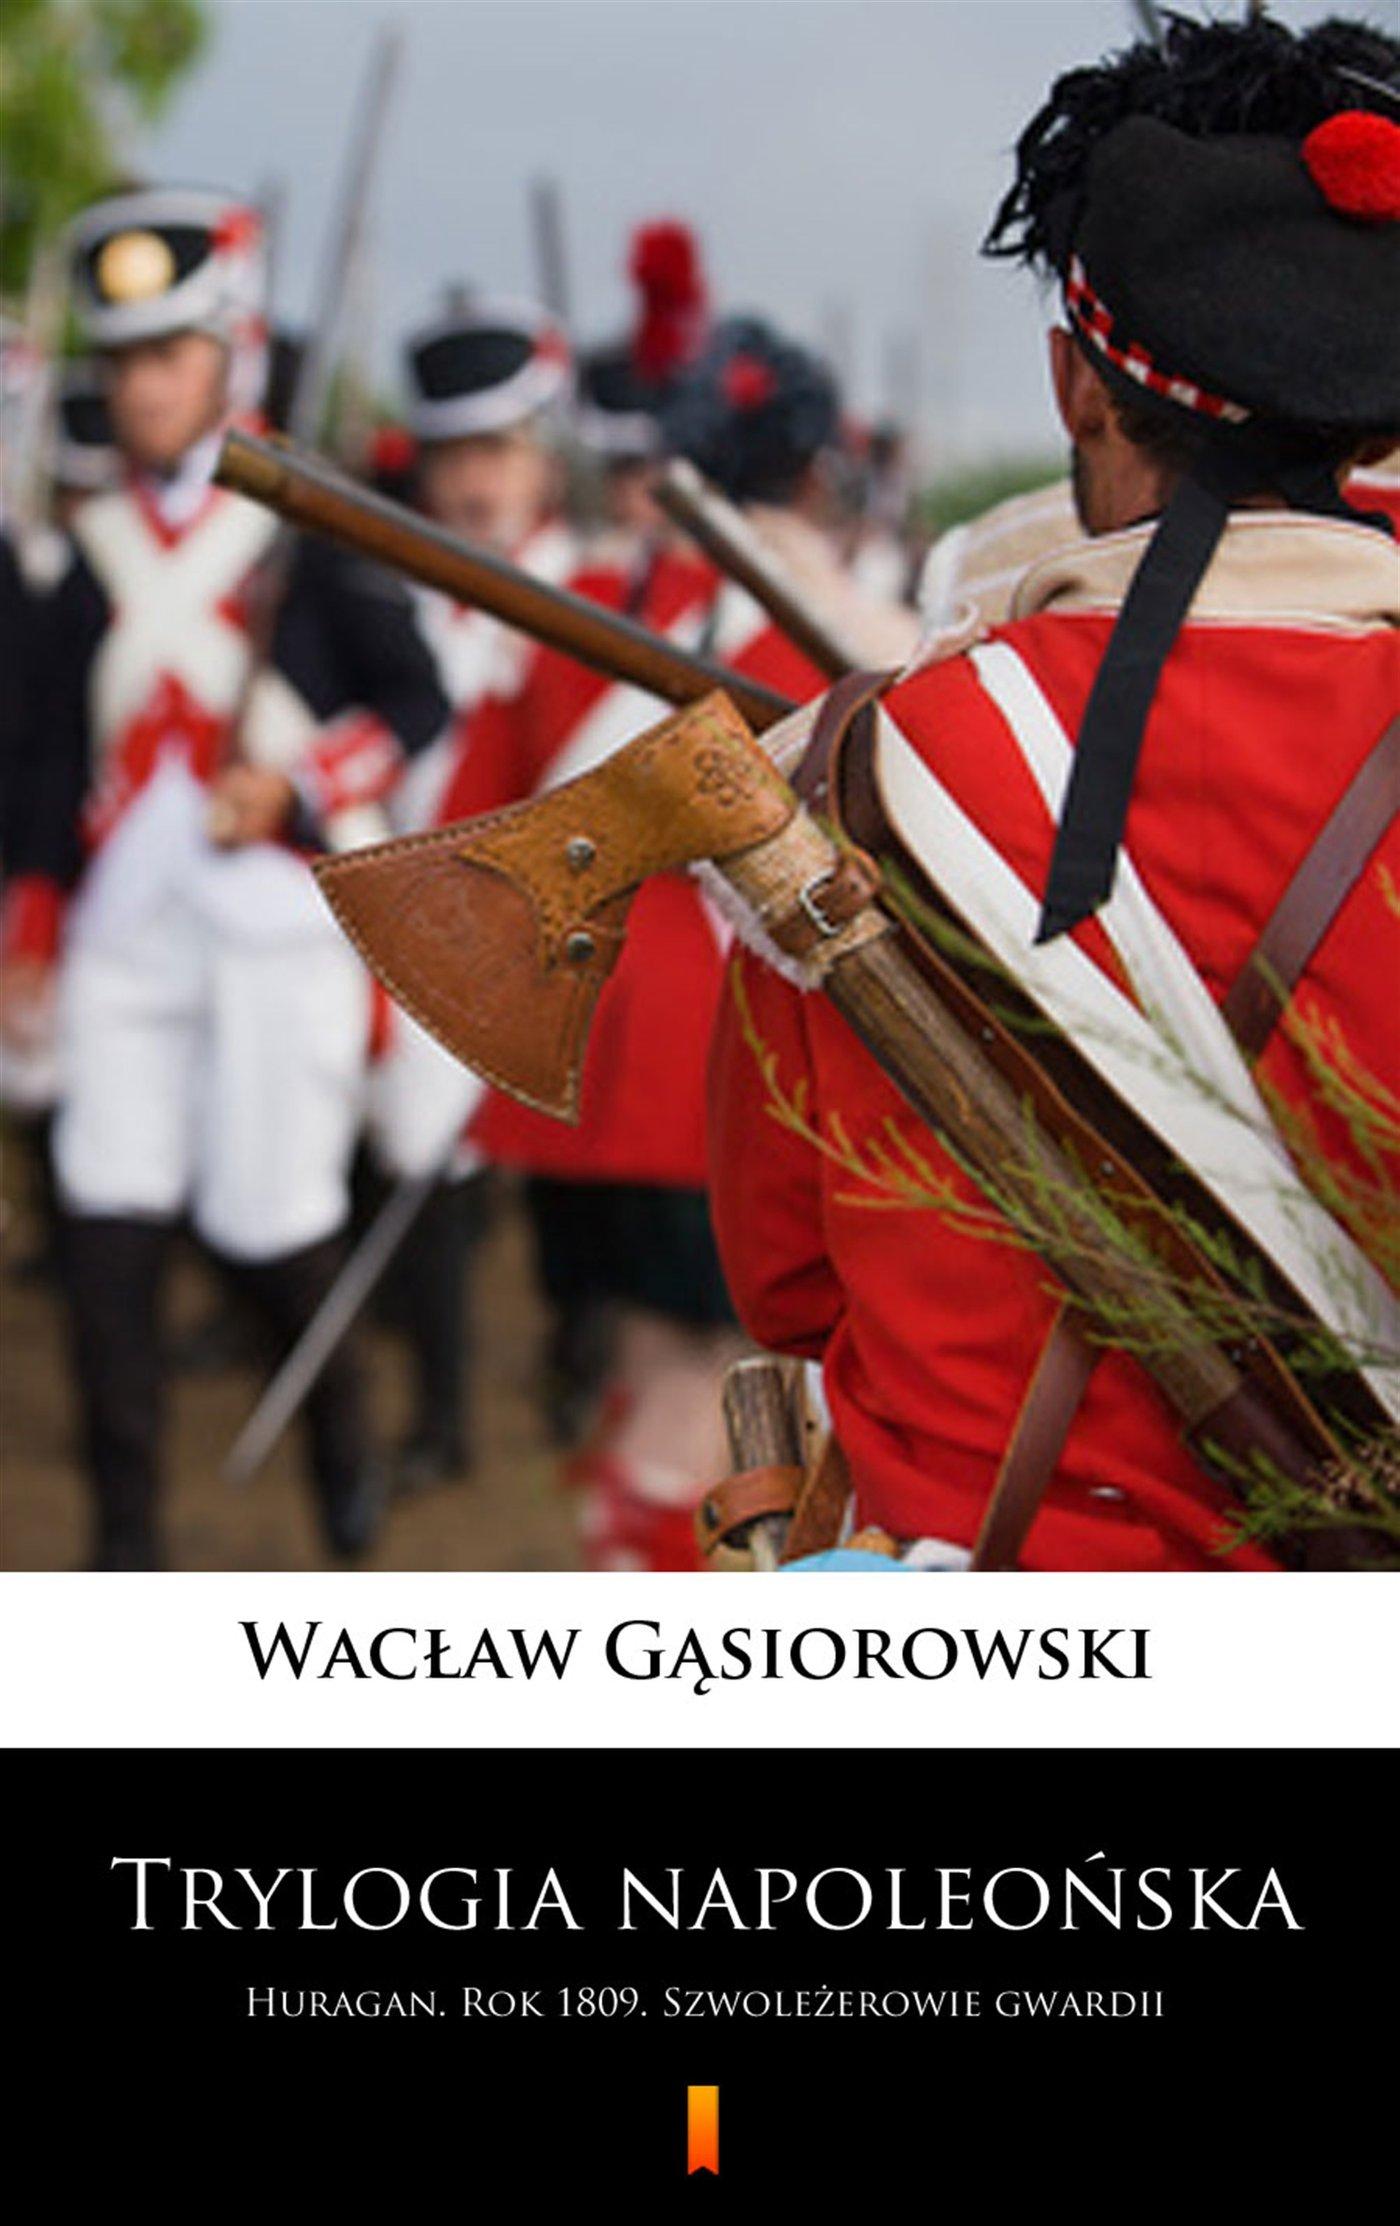 Trylogia napoleońska - Ebook (Książka na Kindle) do pobrania w formacie MOBI